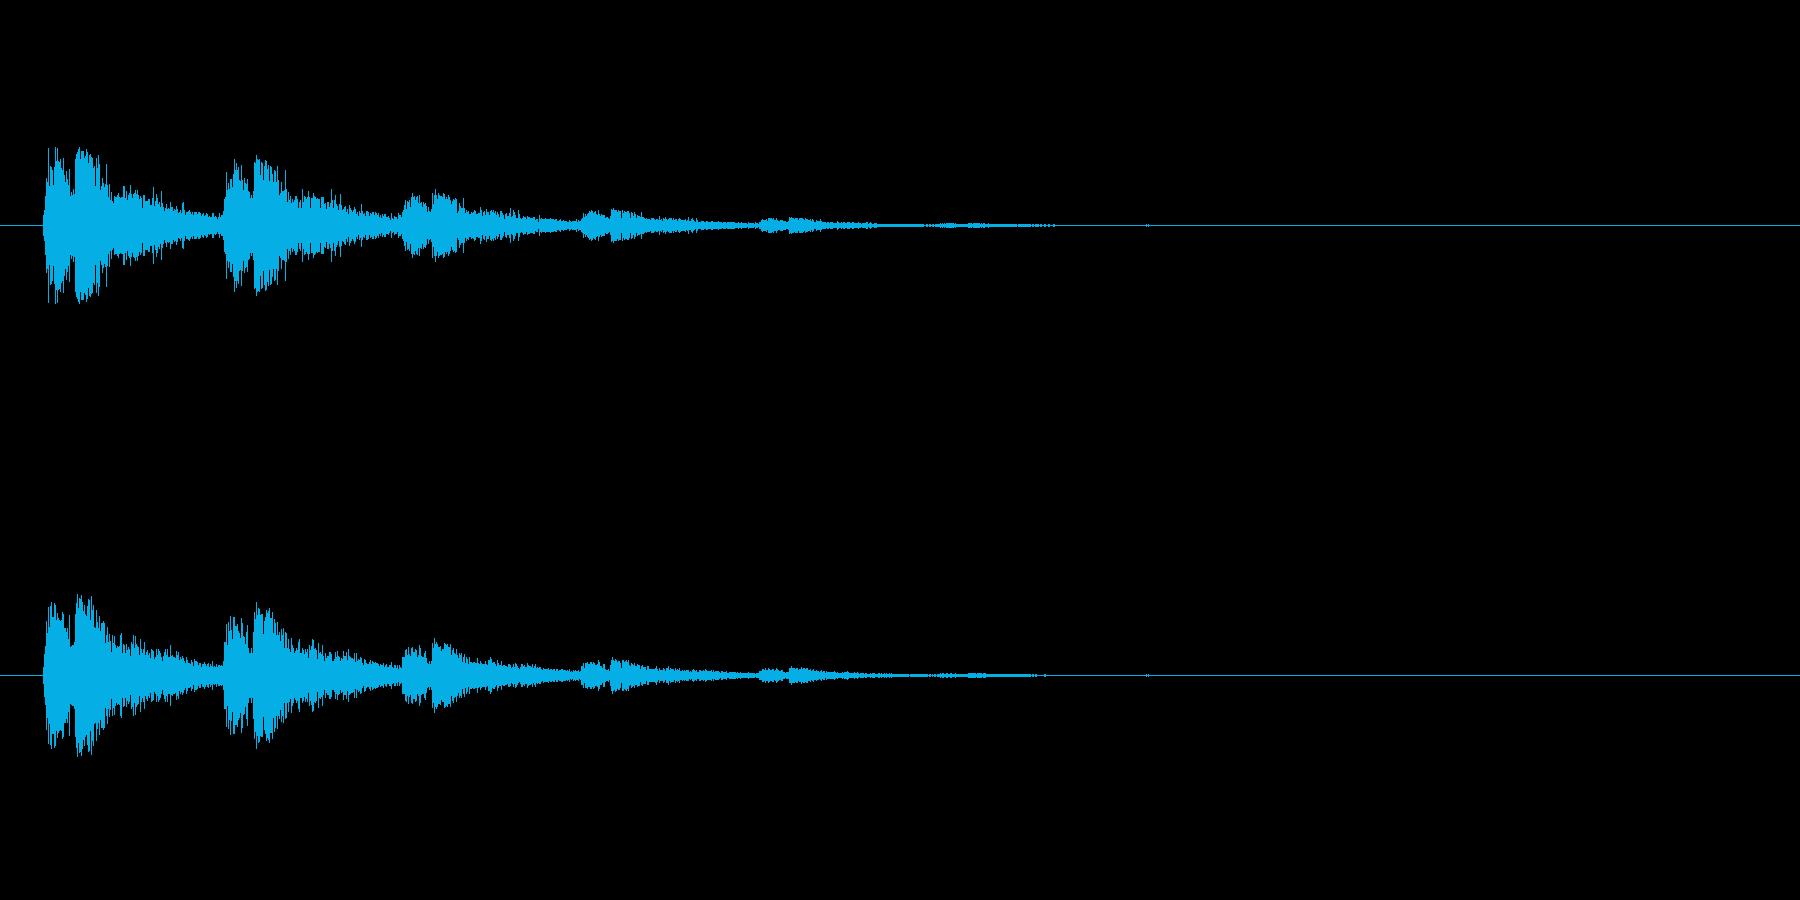 【スポットライト02-2】の再生済みの波形